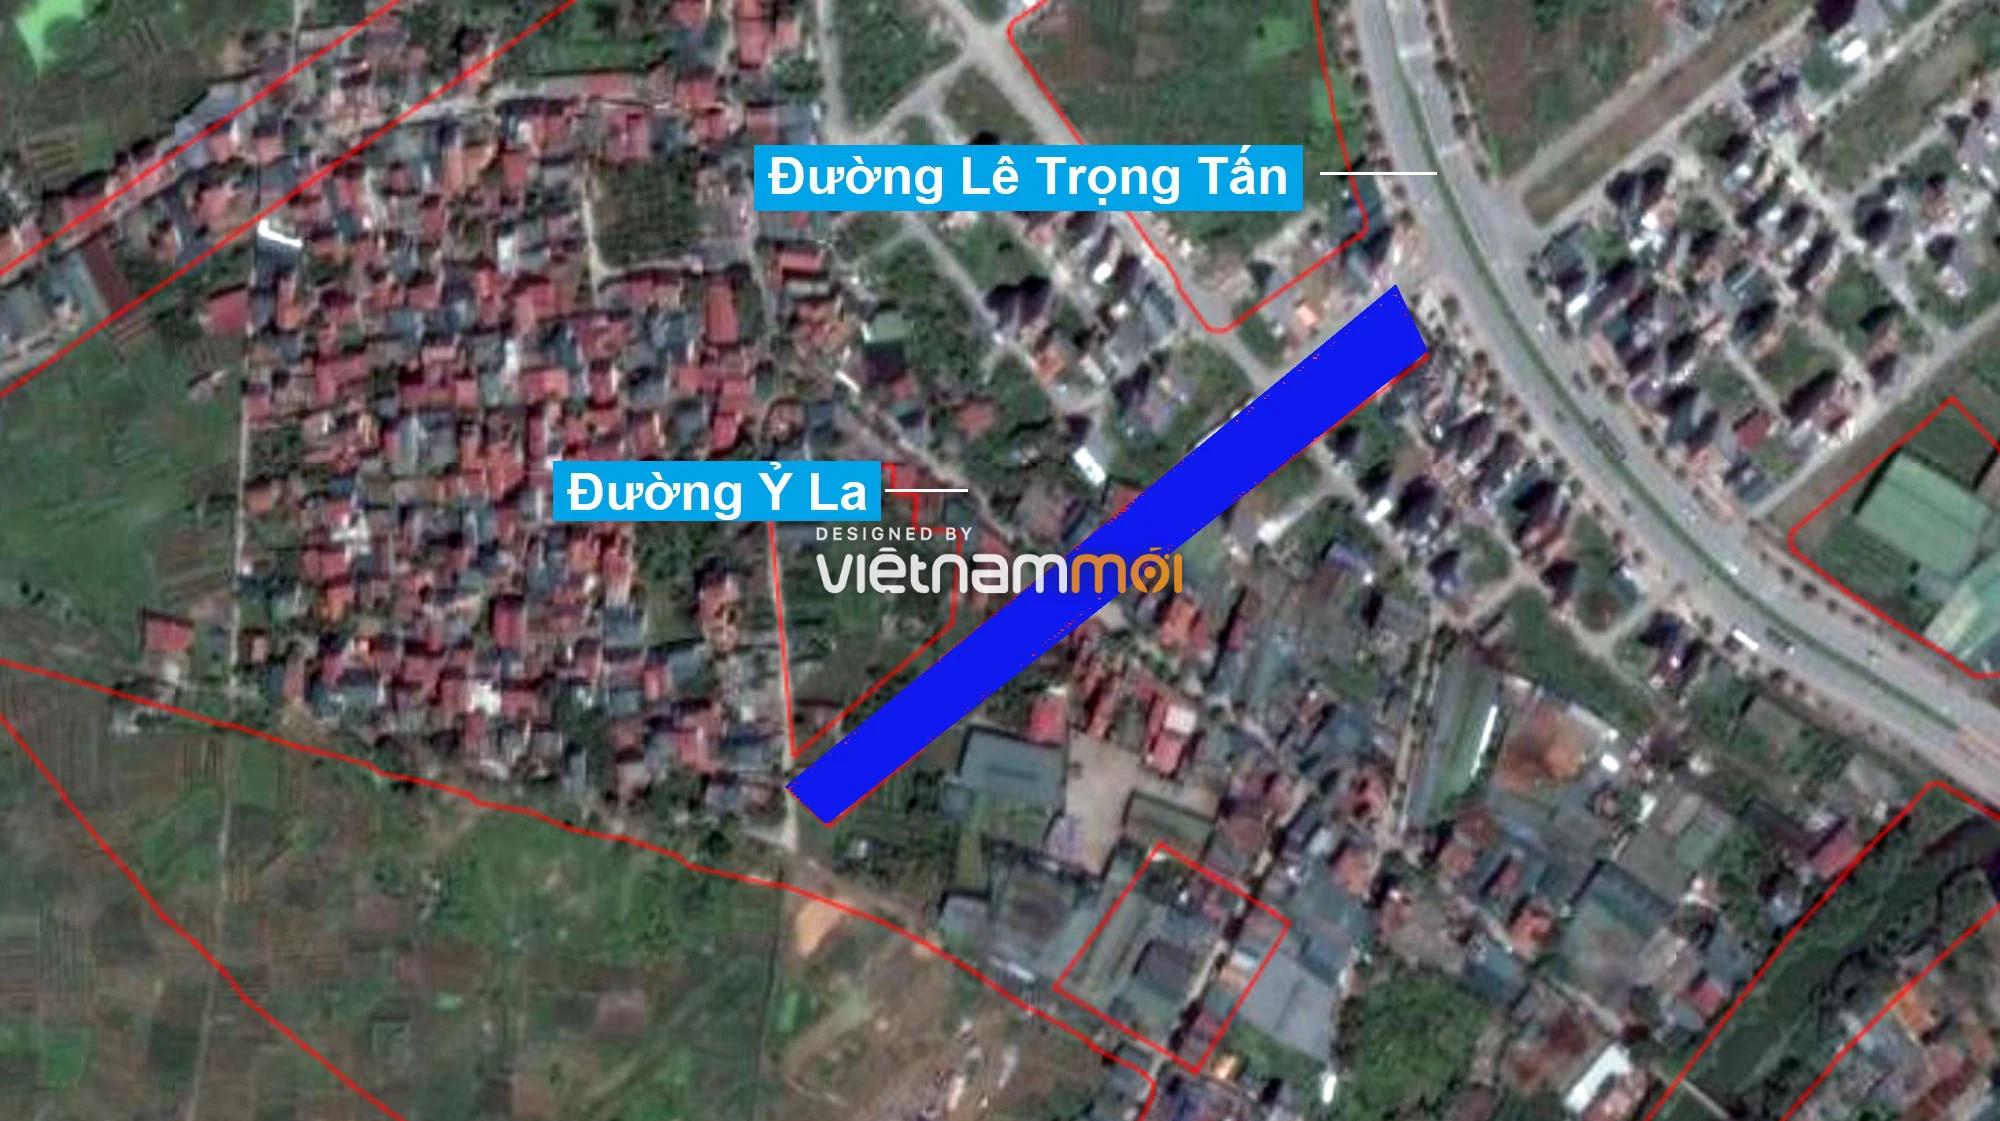 Những khu đất sắp thu hồi để mở đường ở phường Dương Nội, Hà Đông, Hà Nội (phần 1) - Ảnh 13.